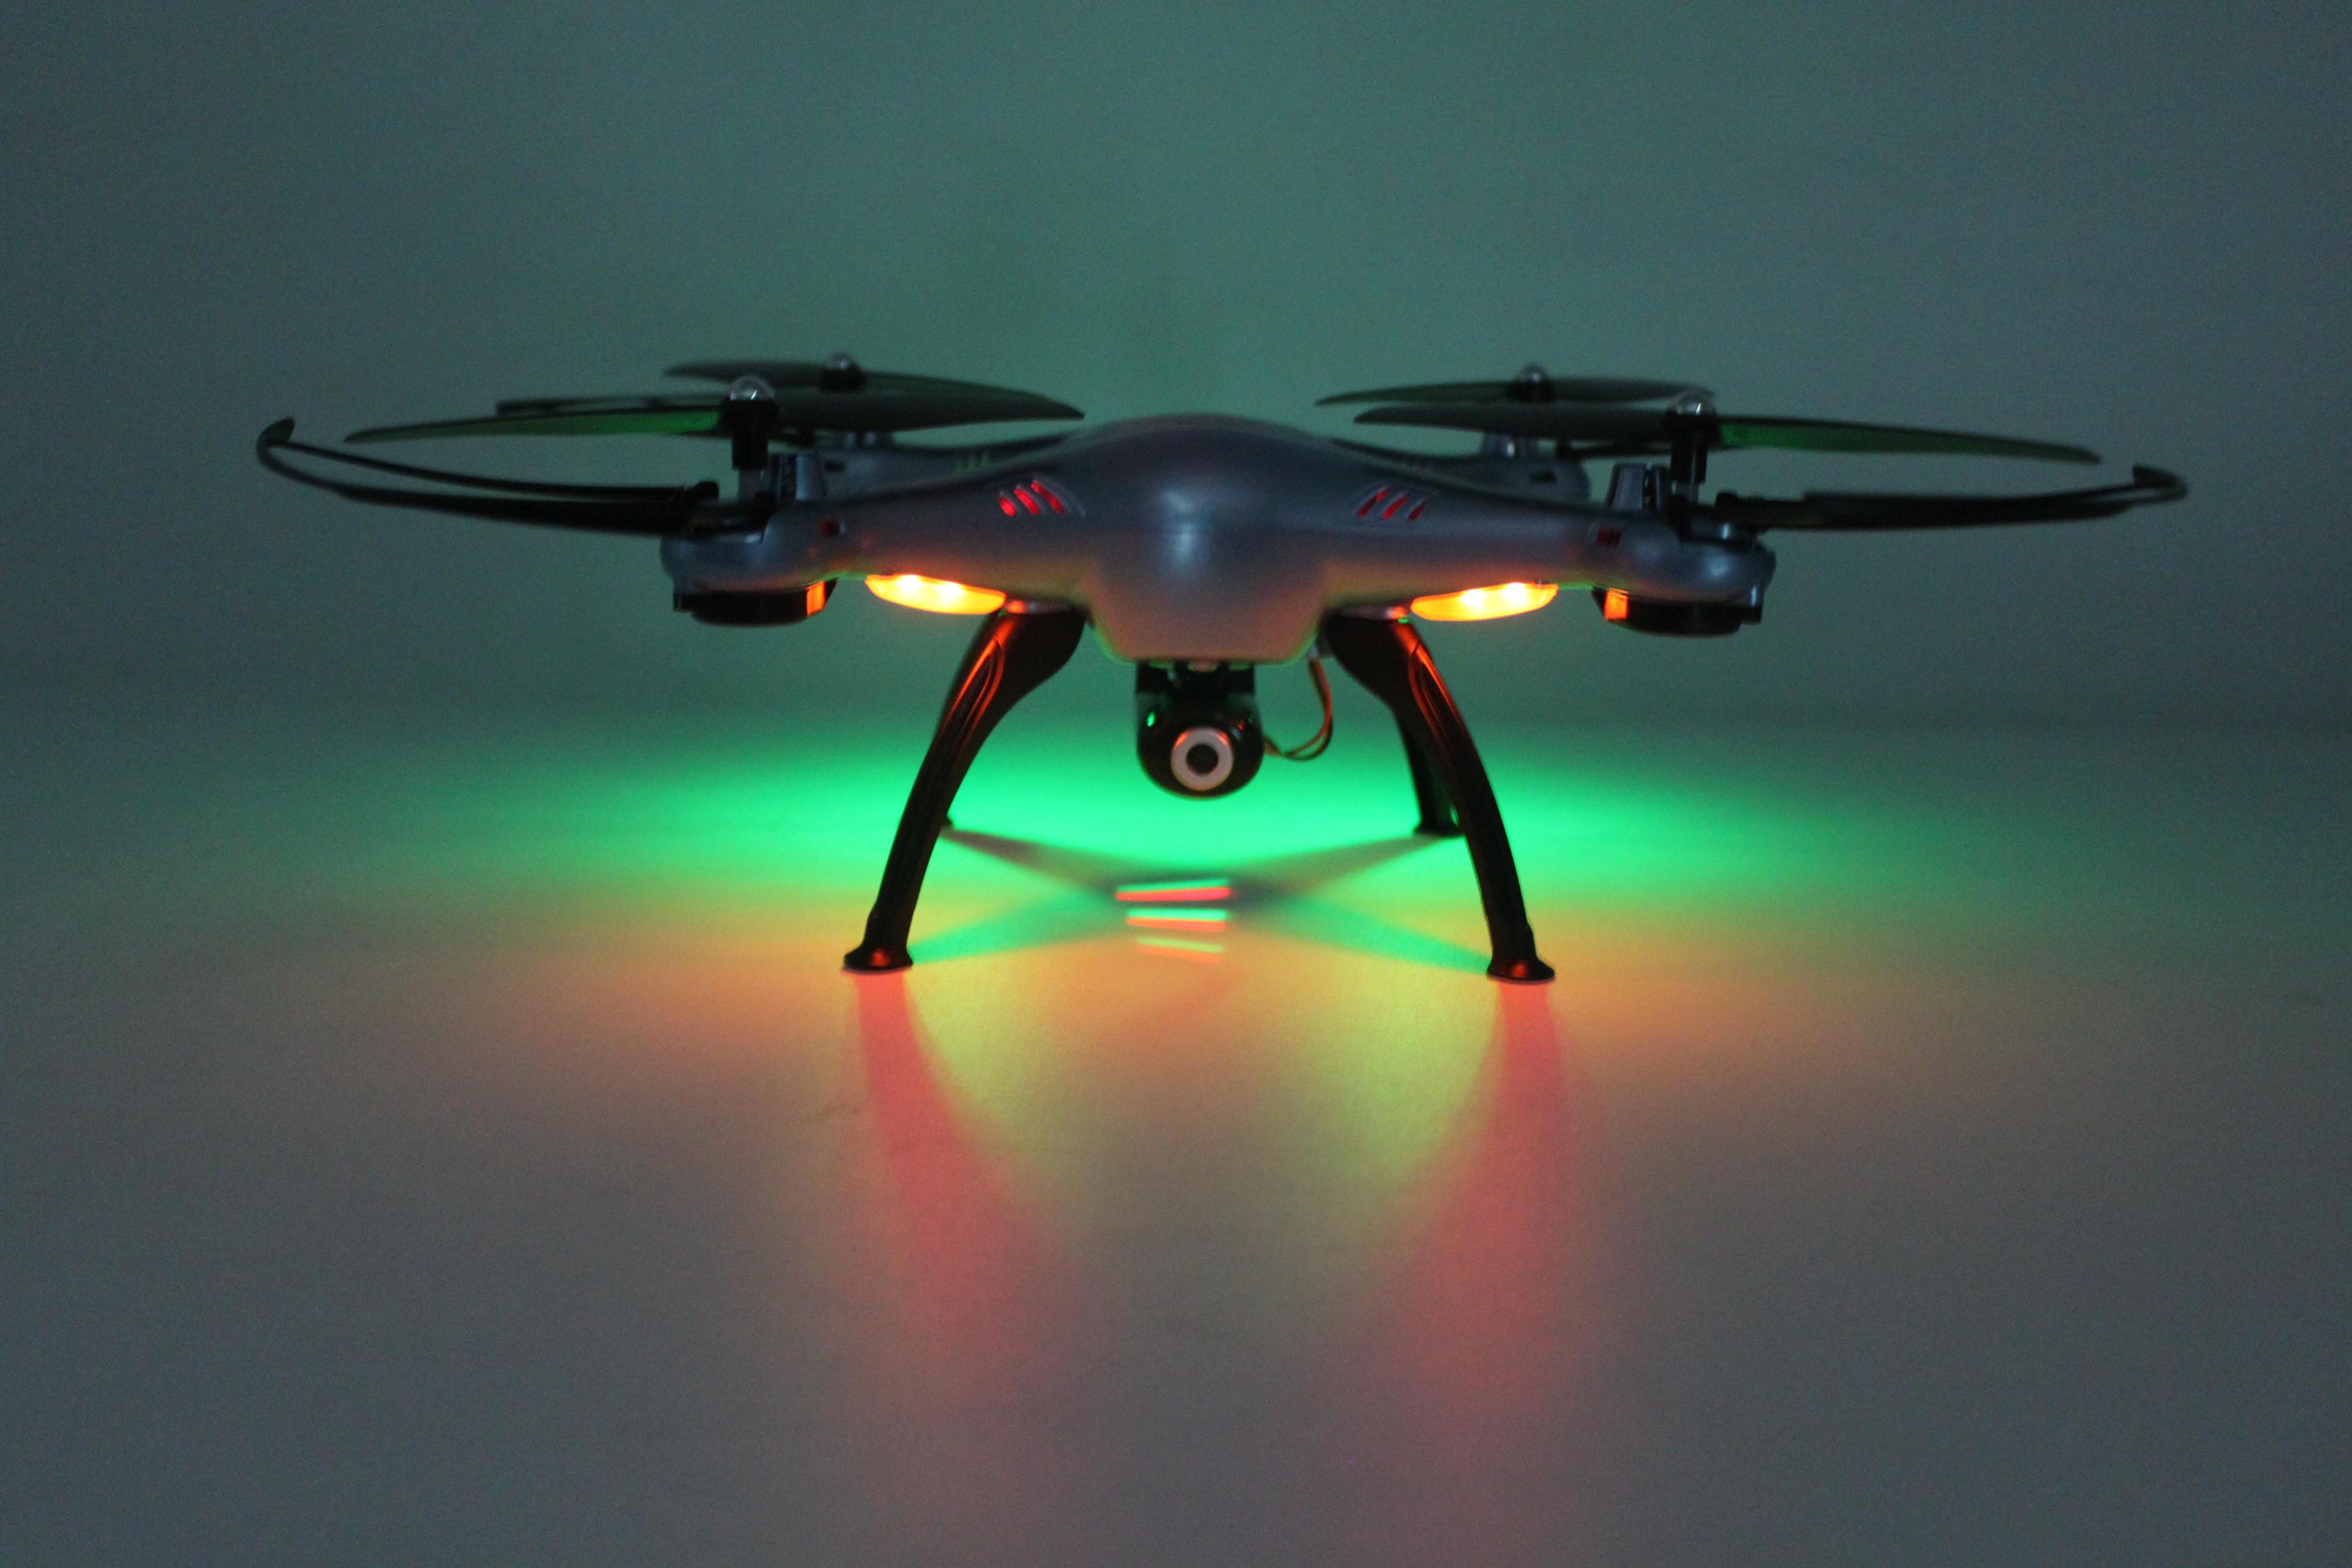 Квадрокоптеры (51 фото): что это такое и зачем нужен? коптеры для съемки. как выбрать хороший квадрокоптер? аккумуляторы и устройство